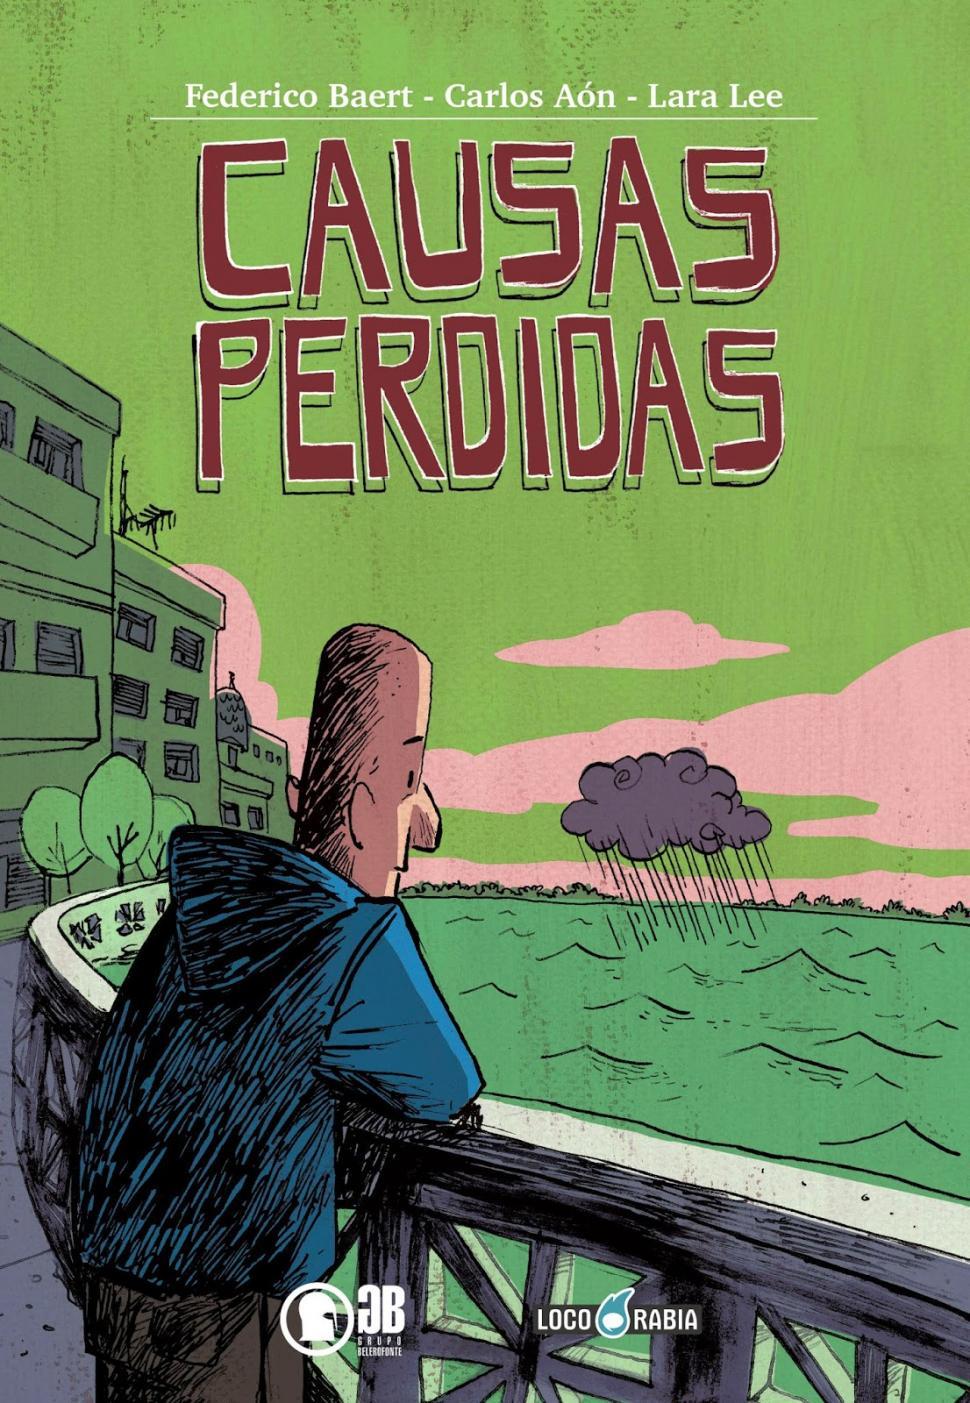 Portada de Causas Perdidas - Ilustración de Carlos Aón y Lara Lee